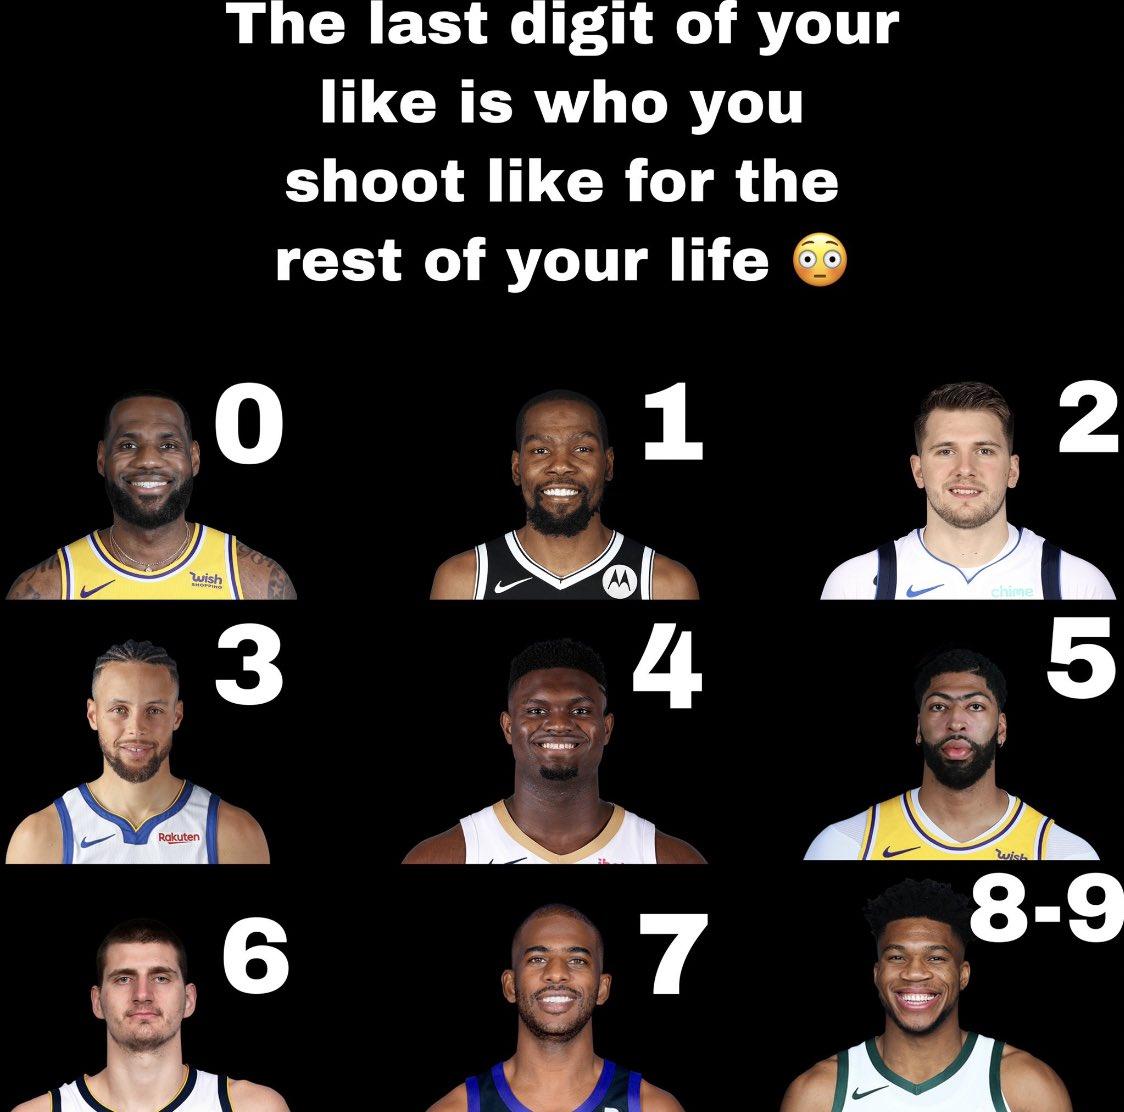 Who y'all shooting like? 😭 https://t.co/mGHlVAj4kR